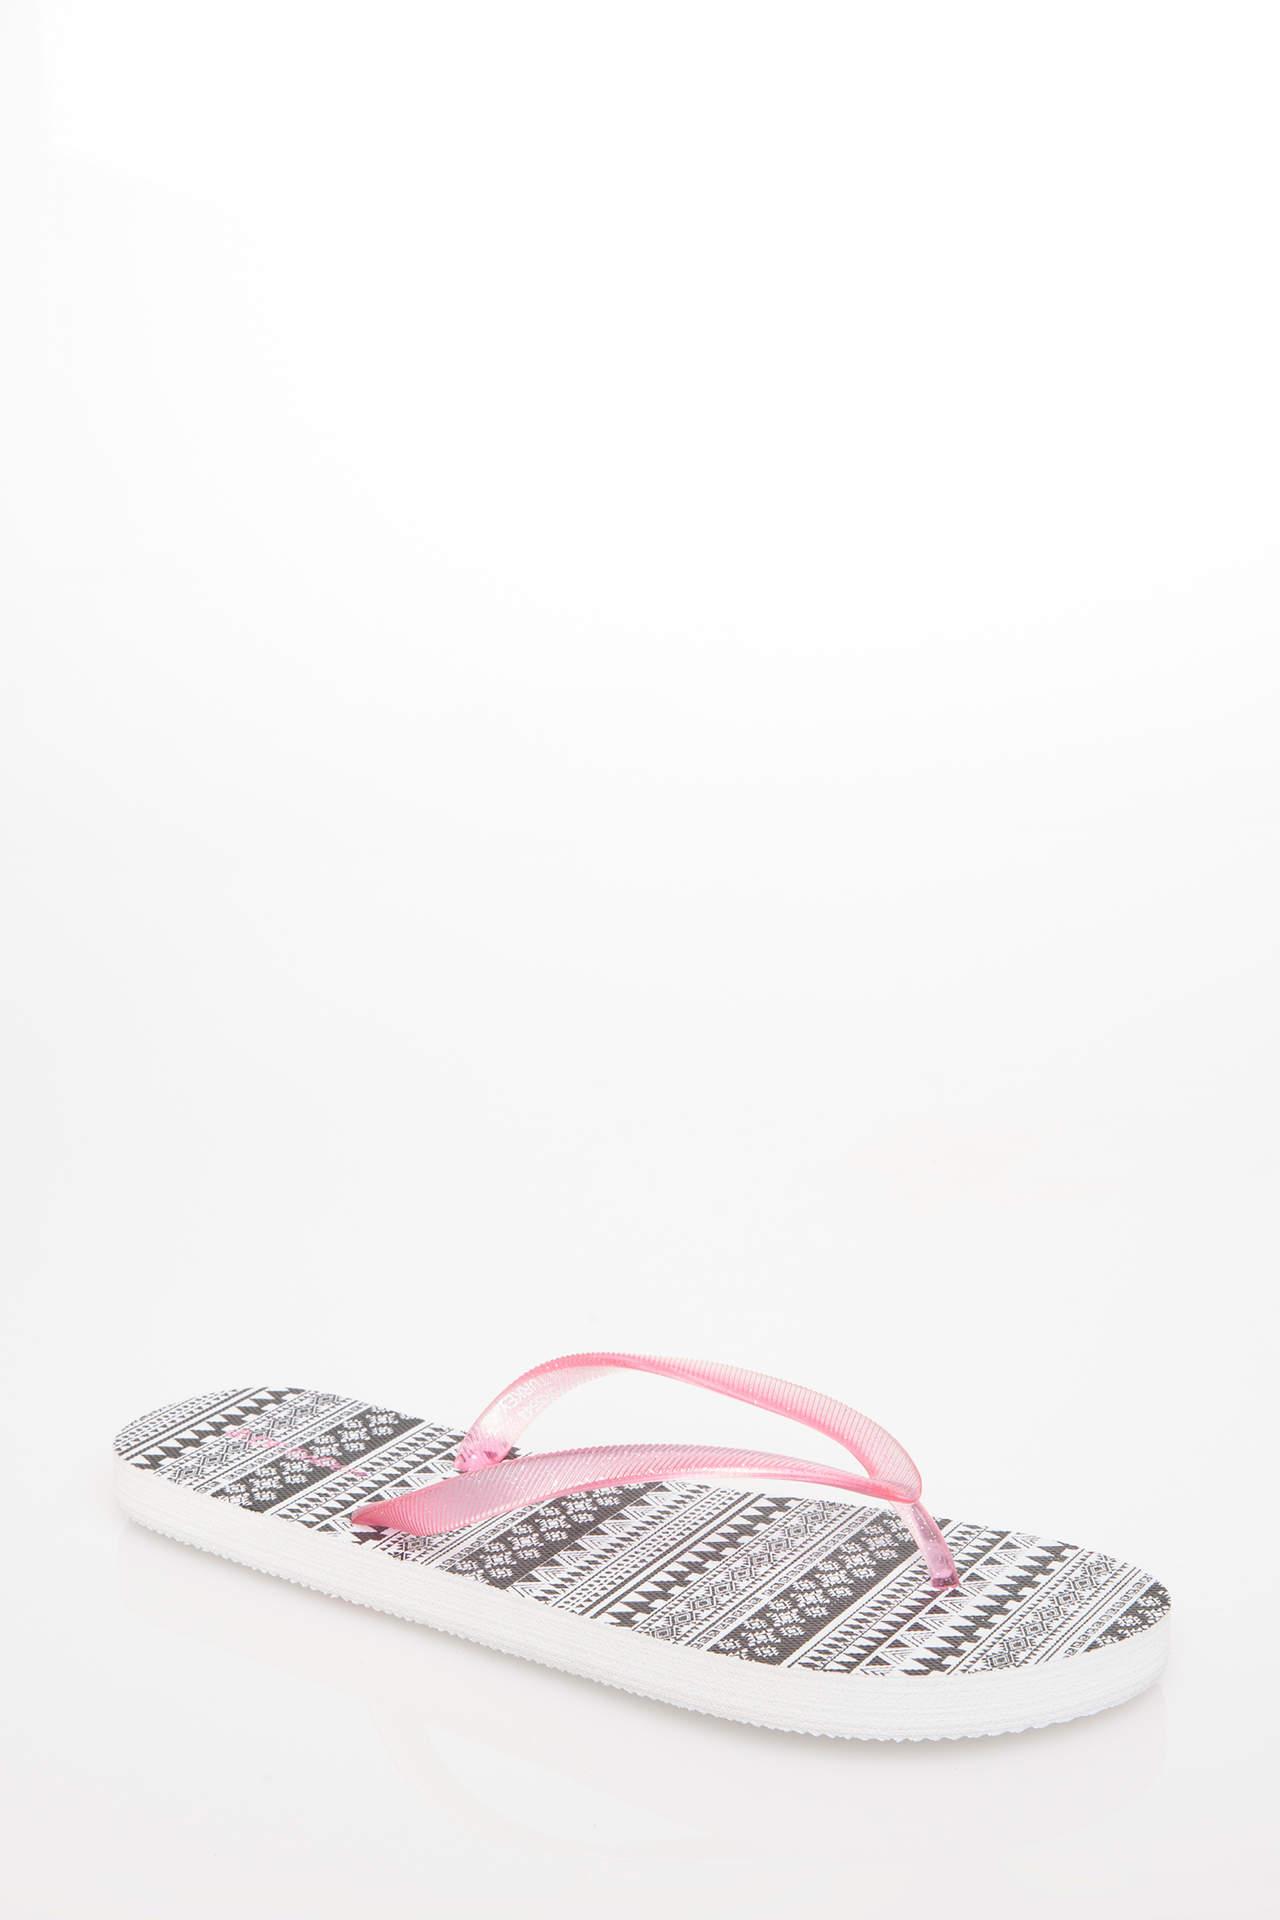 DeFacto Kadın Baskılı Parmak Arası Terlik Beyaz female